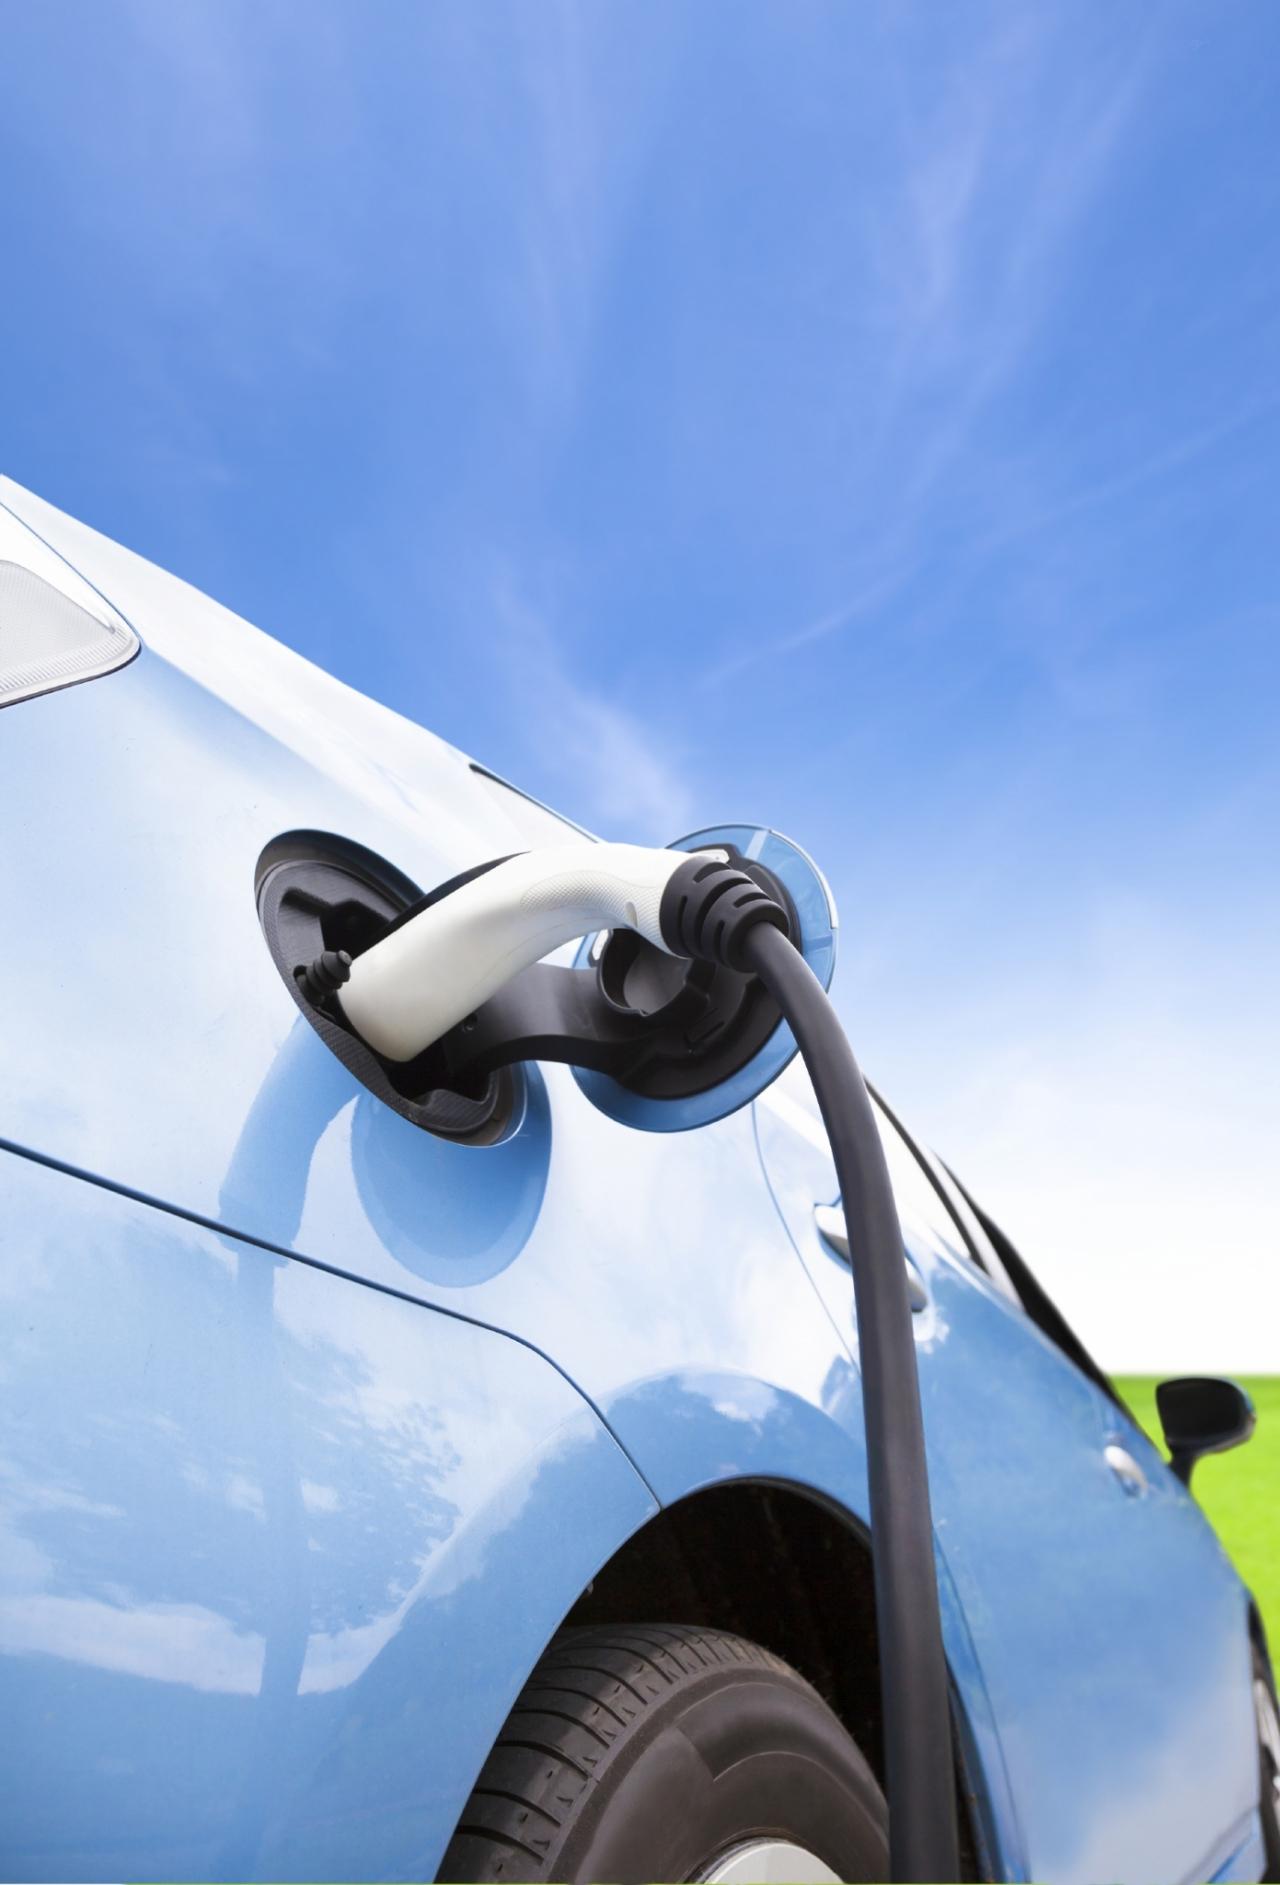 V letu 2016 električna vozila dosegla nov rekord